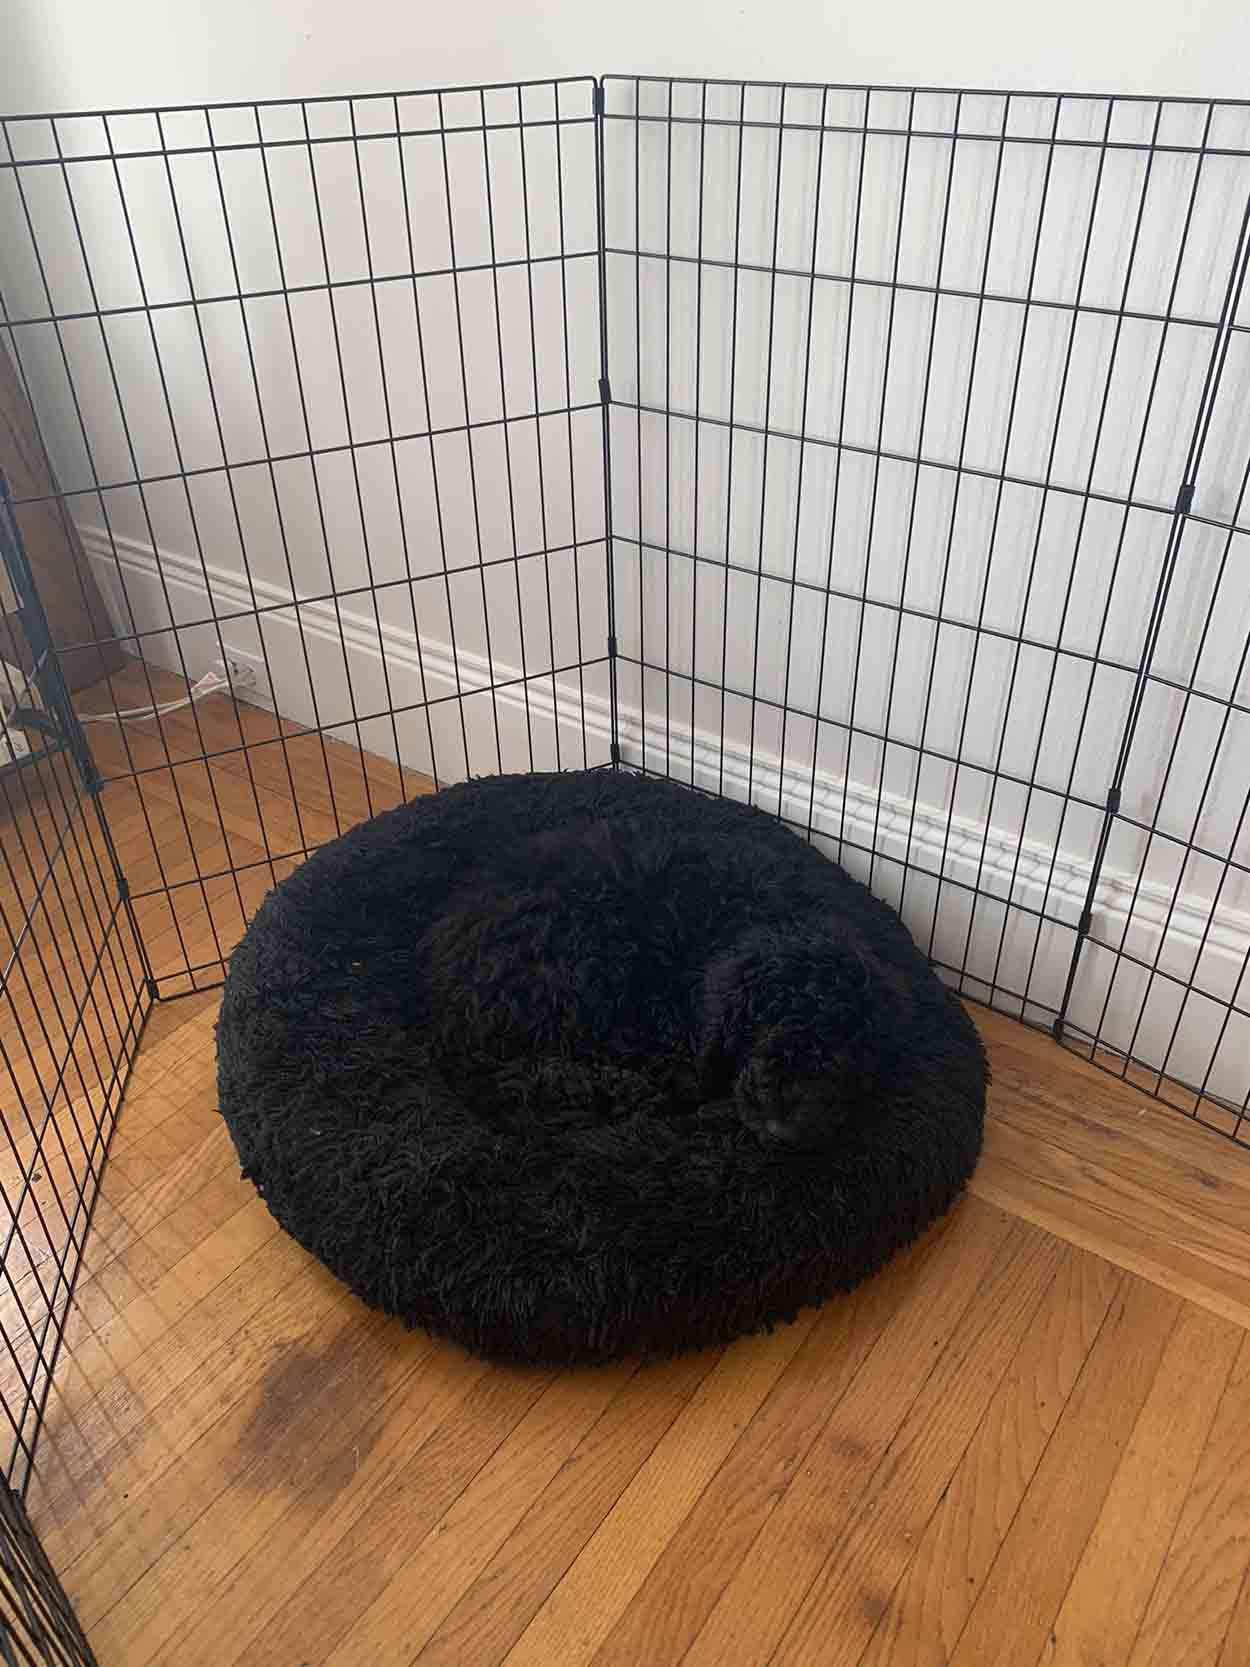 Cachorro se camufla en su cama